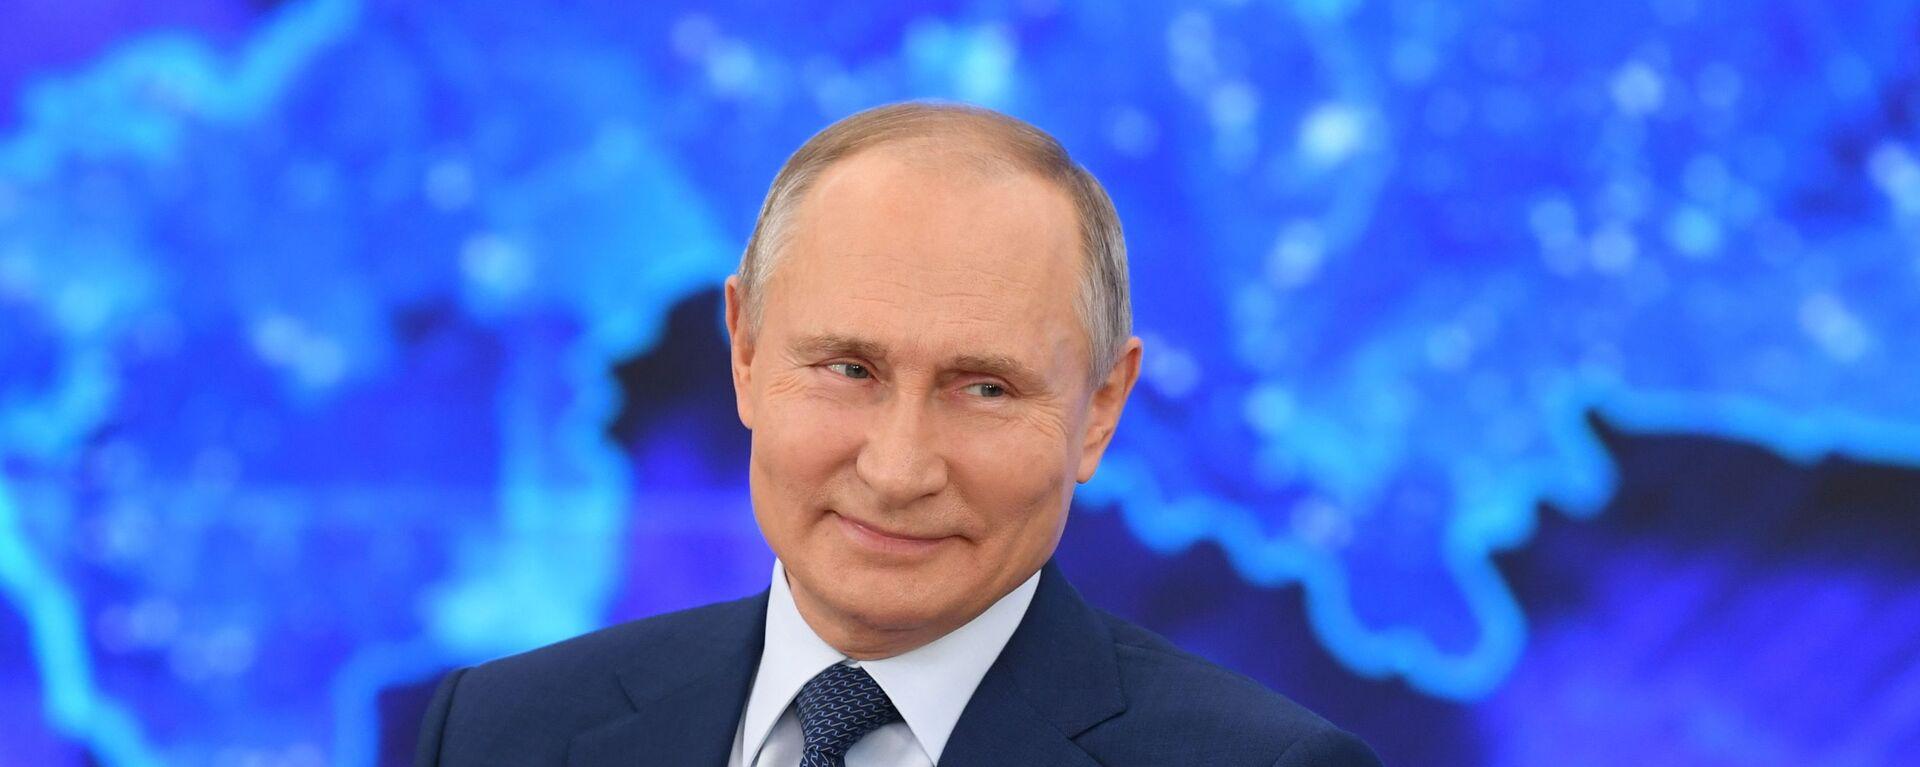 Vladimir Putin během tiskové konference 17.prosince 2020 - Sputnik Česká republika, 1920, 13.06.2021